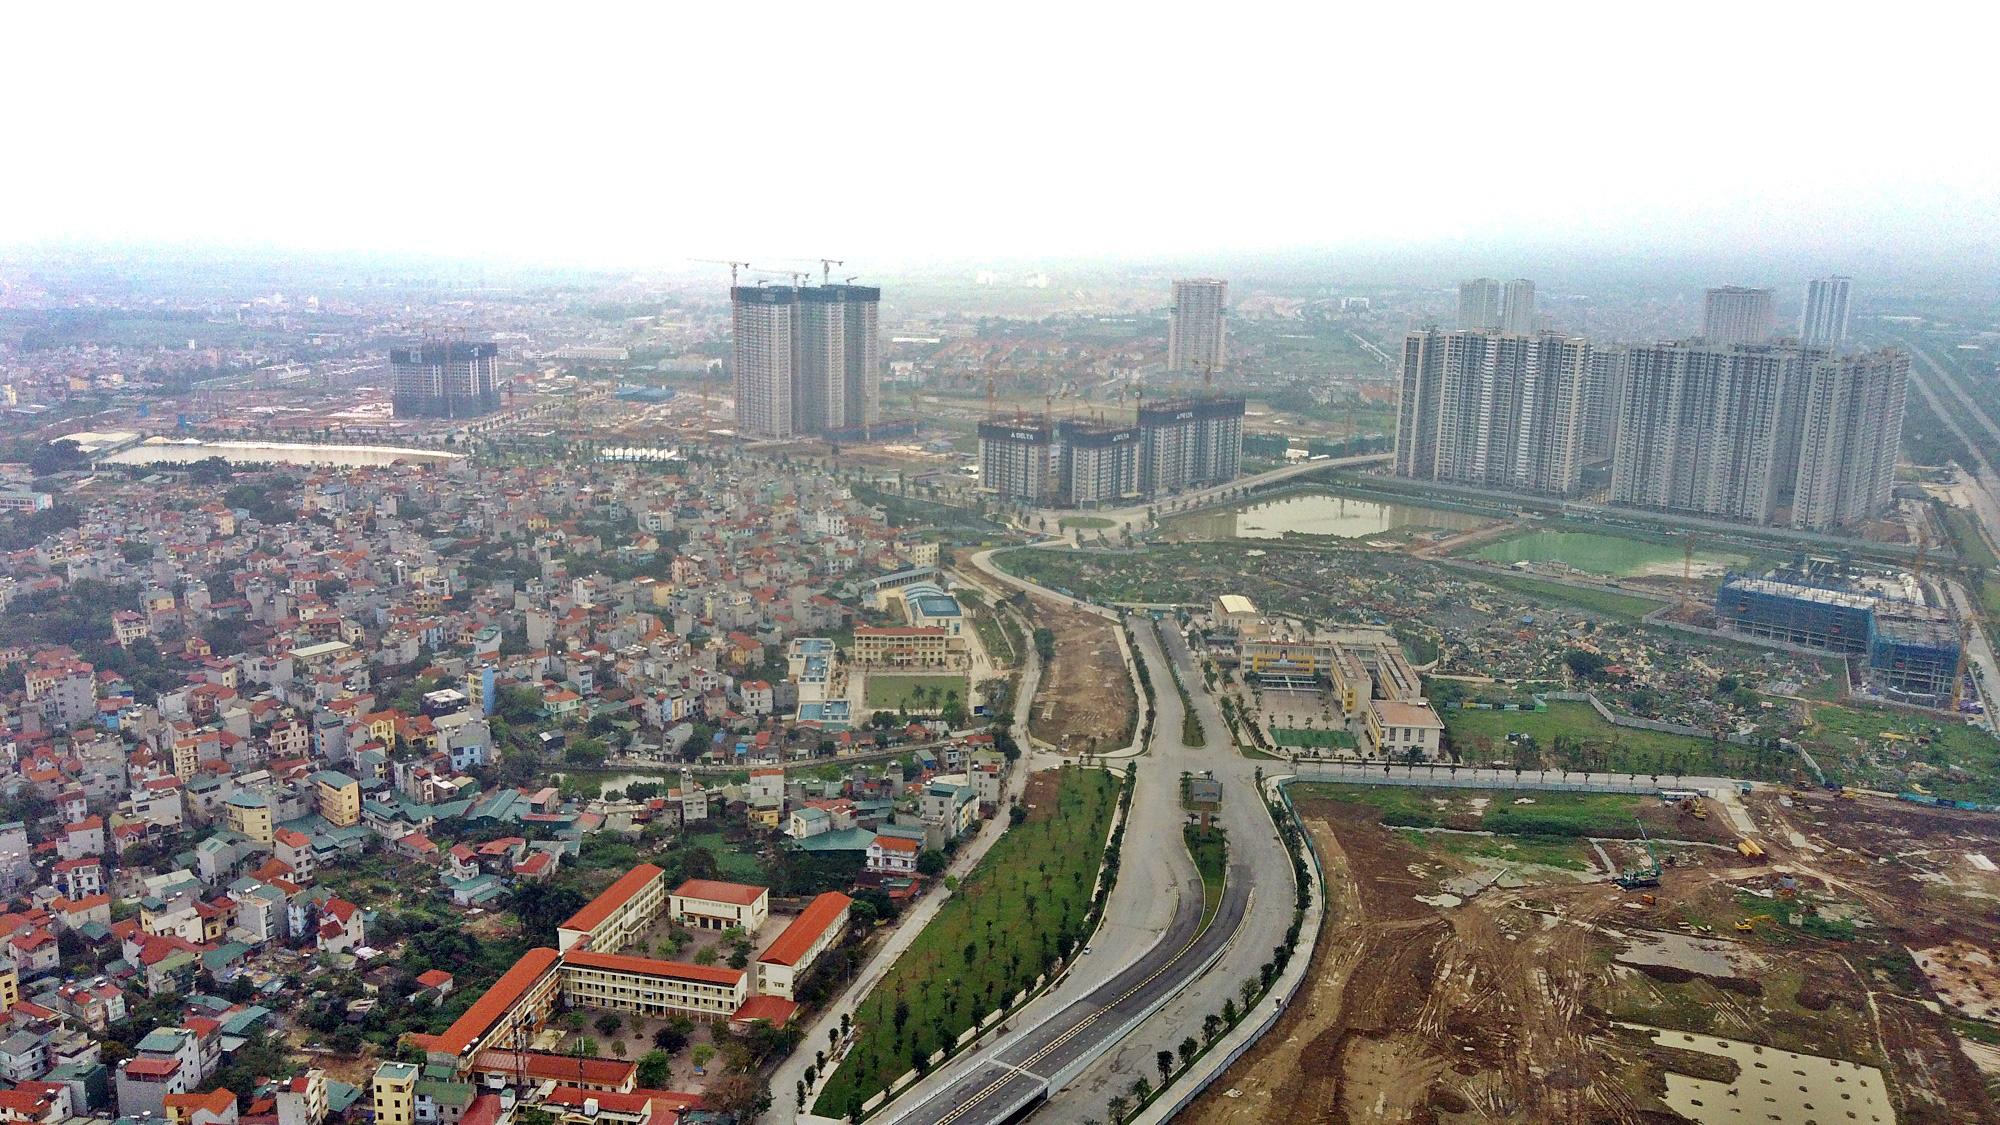 Đường sẽ mở theo qui hoạch ở Hà Nội: Toàn cảnh đường nối KĐT Nam An Khánh đến Sân vận động Mỹ Đình - Ảnh 11.